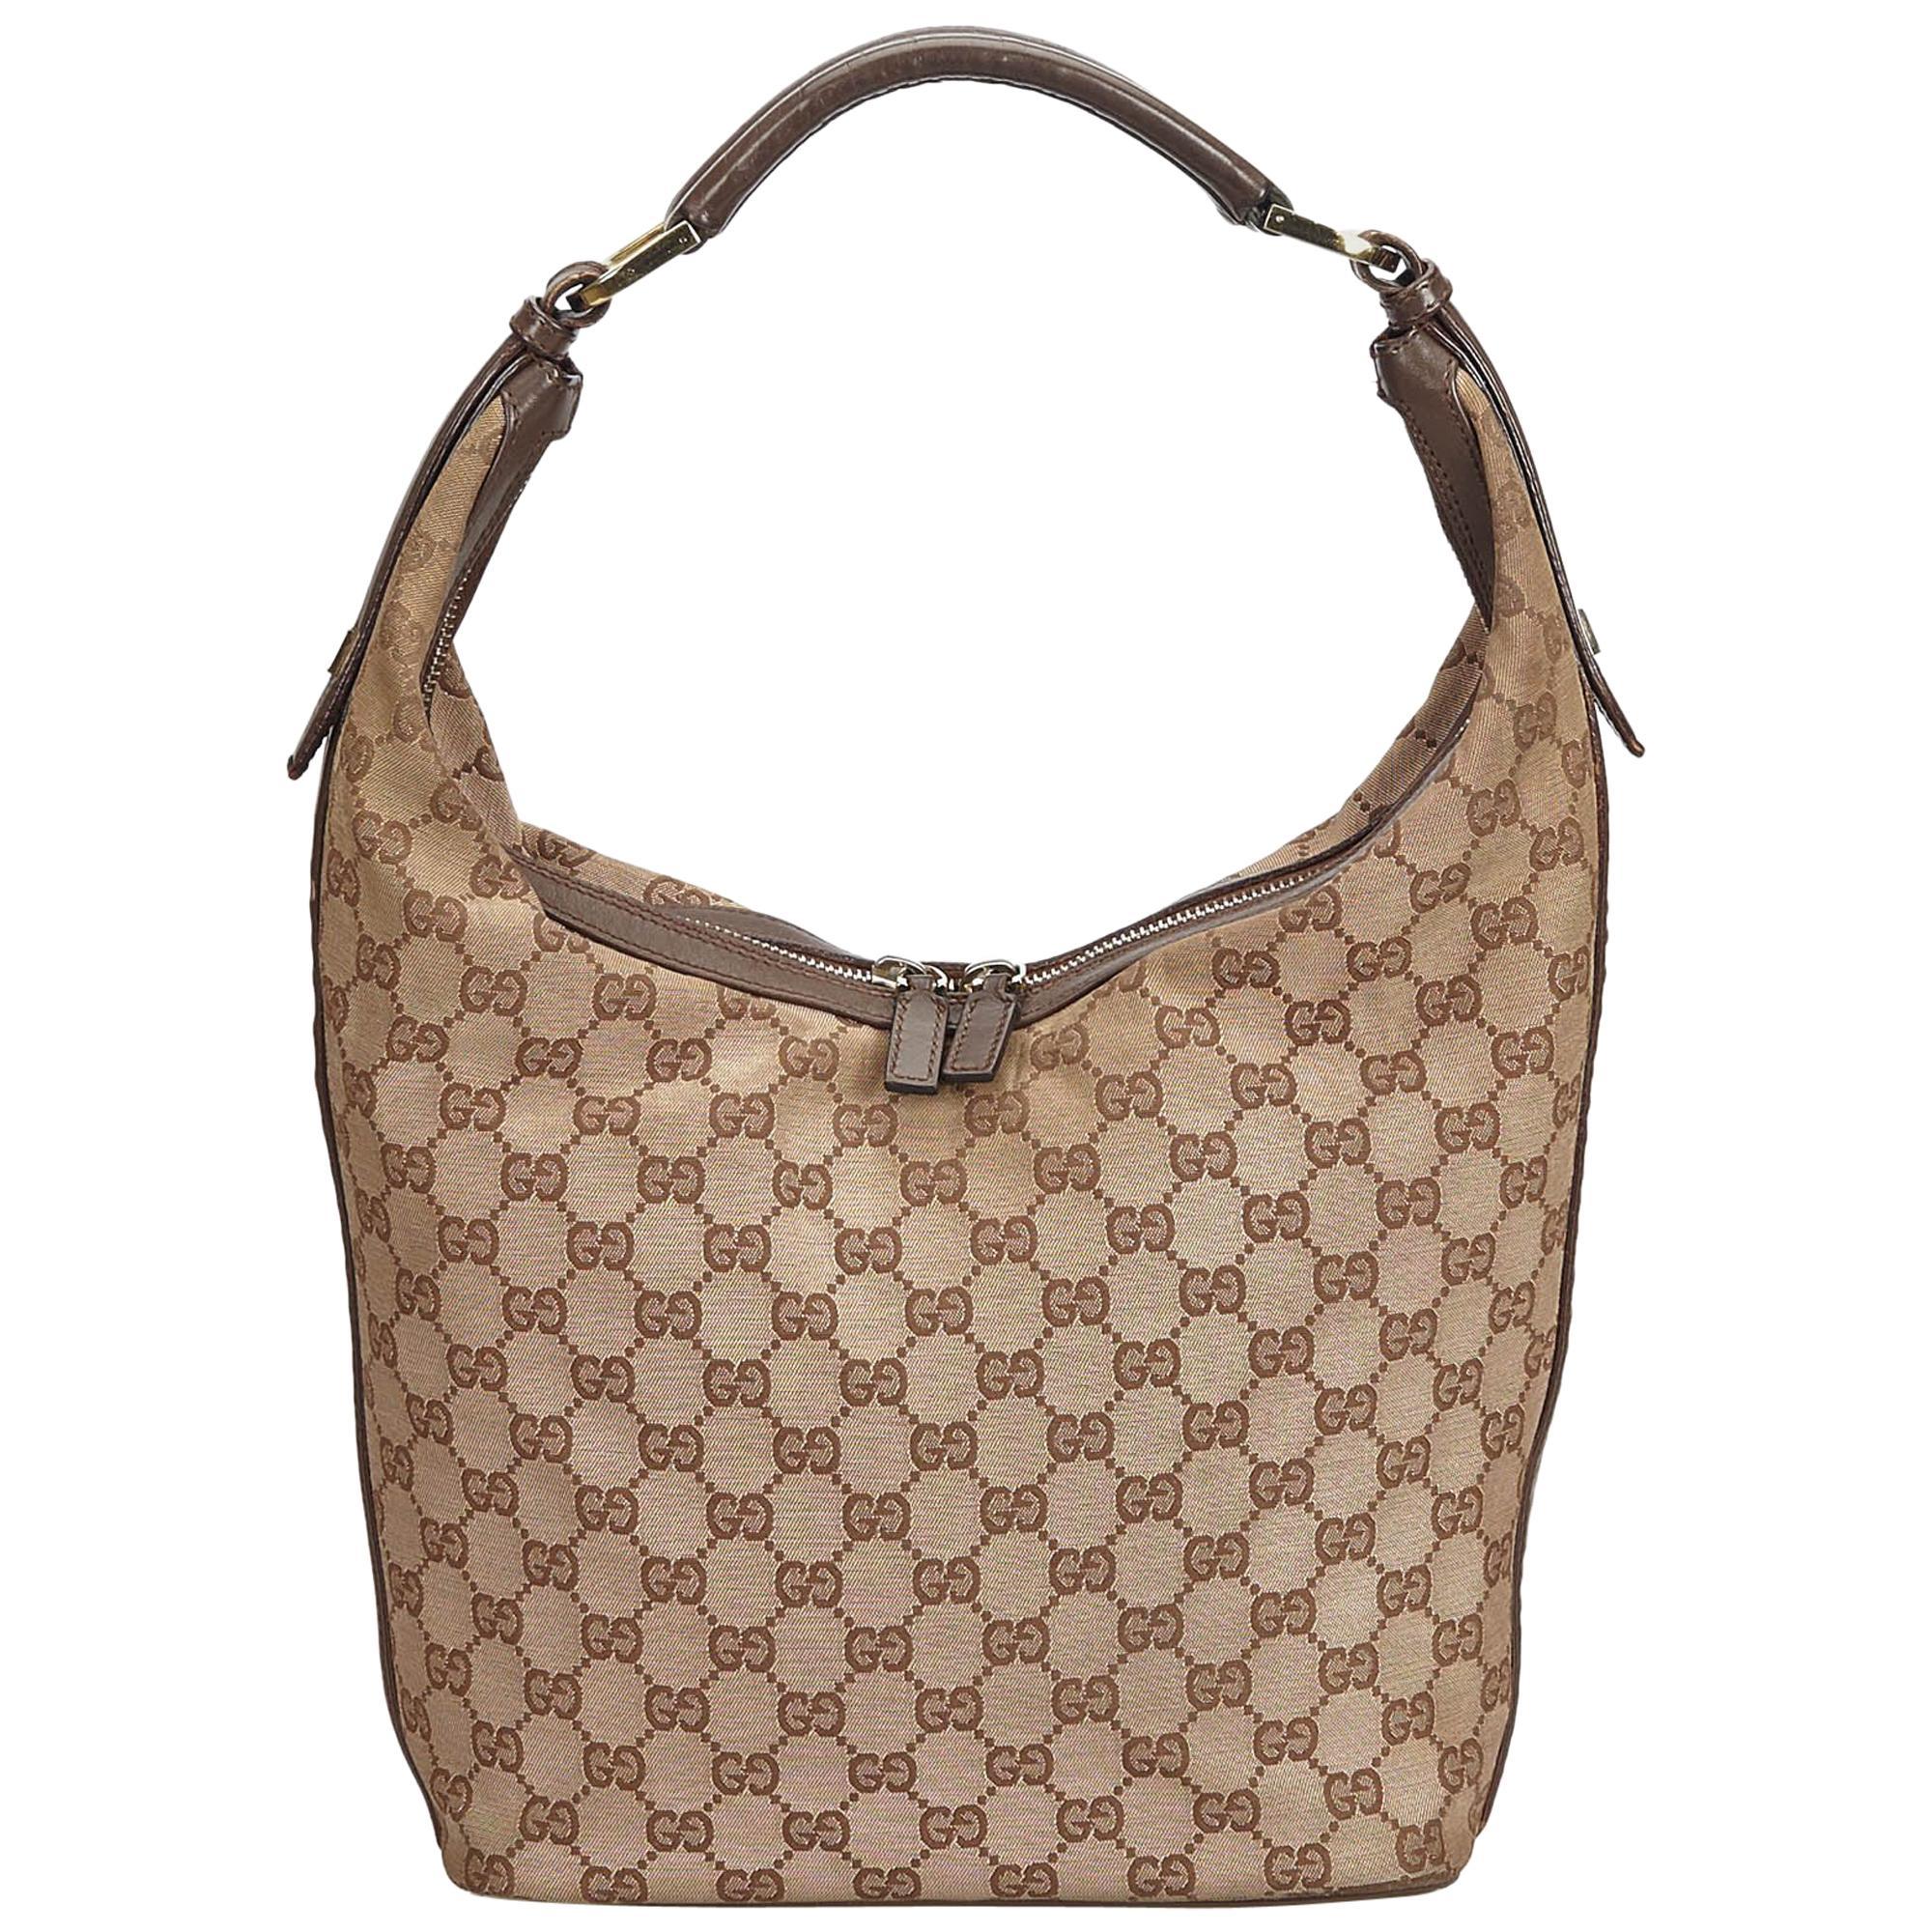 0387ecb6471 Vintage Gucci Shoulder Bags - 857 For Sale at 1stdibs